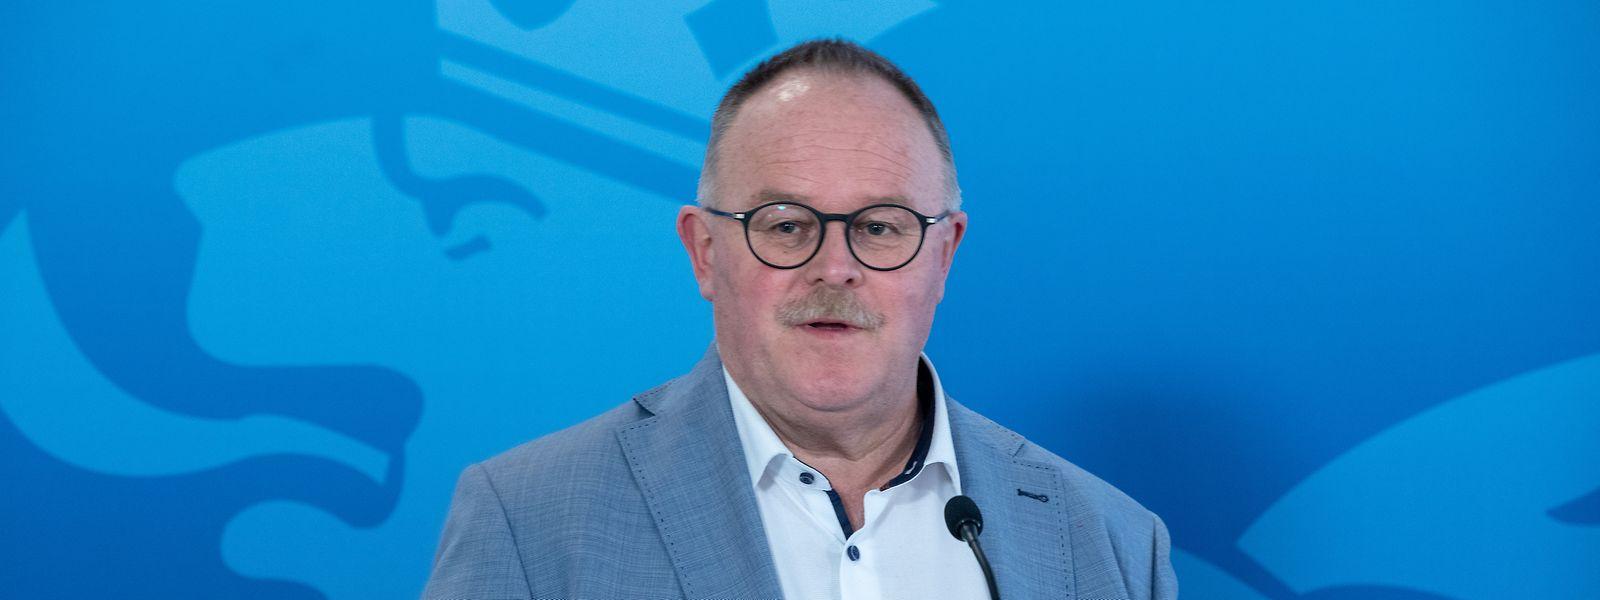 Pour Romain Schneider, ministre de la Sécurité sociale, les conséquences complètes de la pandémie ne seront visibles que dans plusieurs mois.